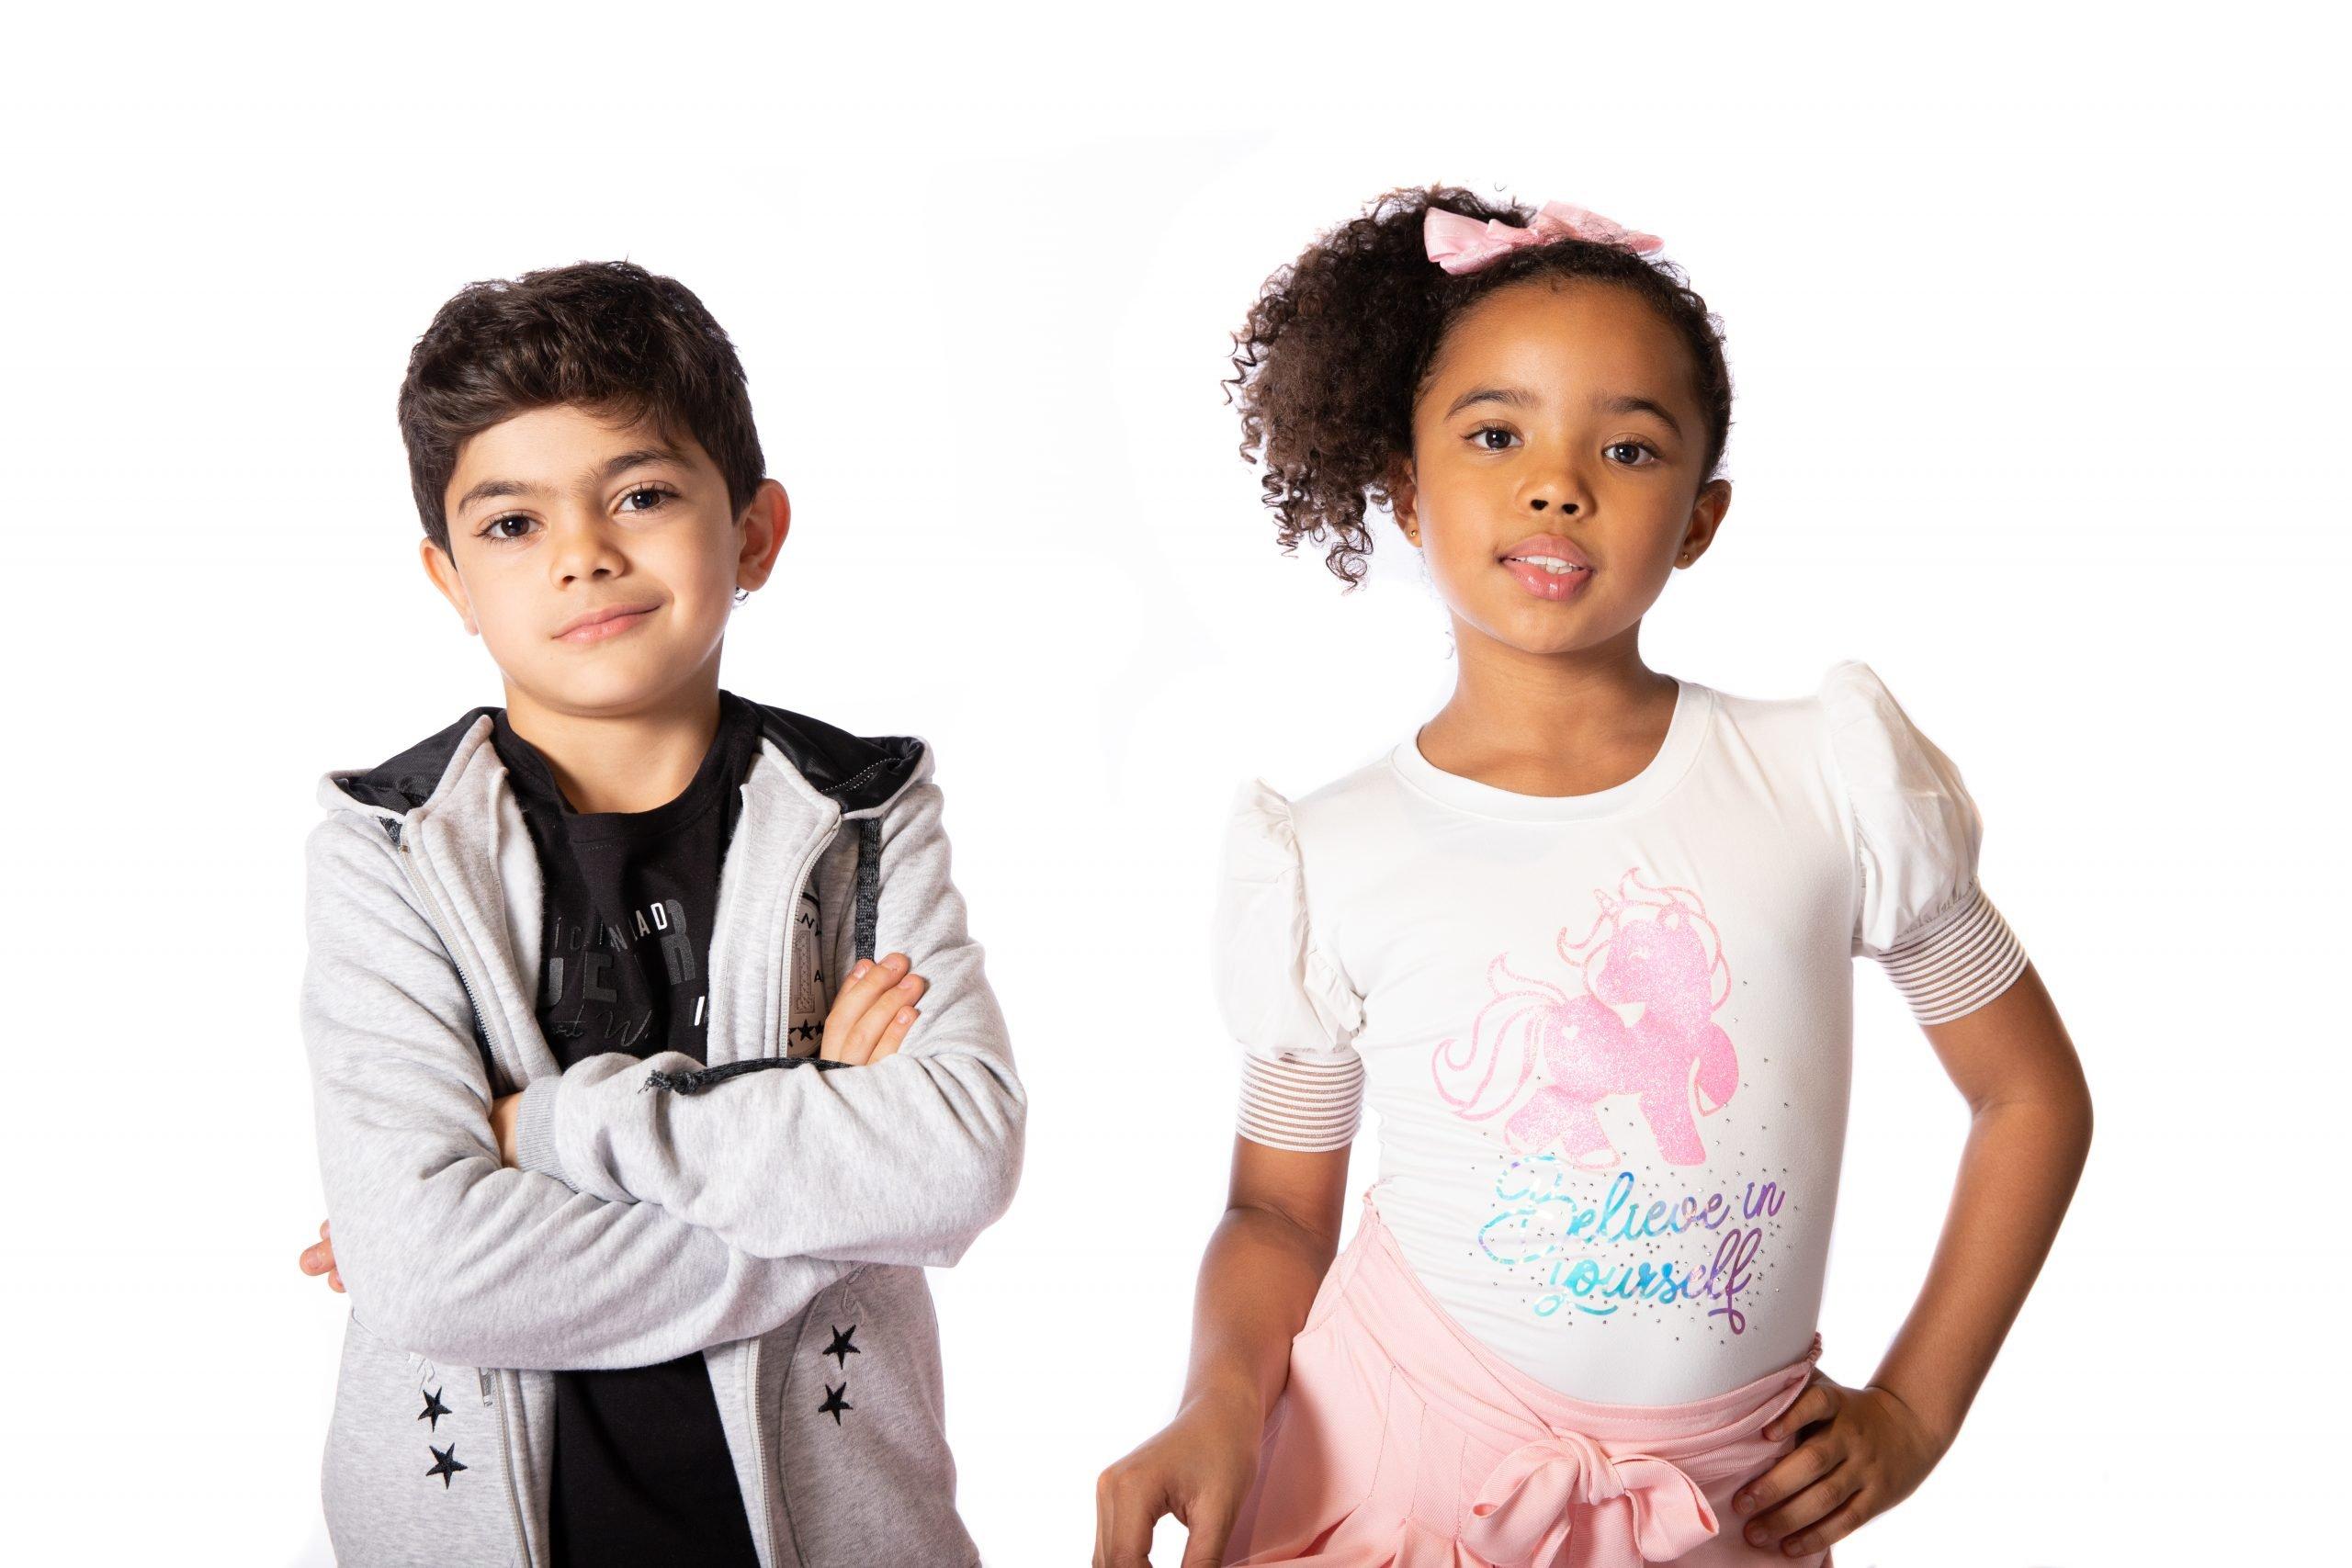 Niños-Ropa-Interior-Lenceria-La-Media-Naranja-Centro-Comercial-La-Central